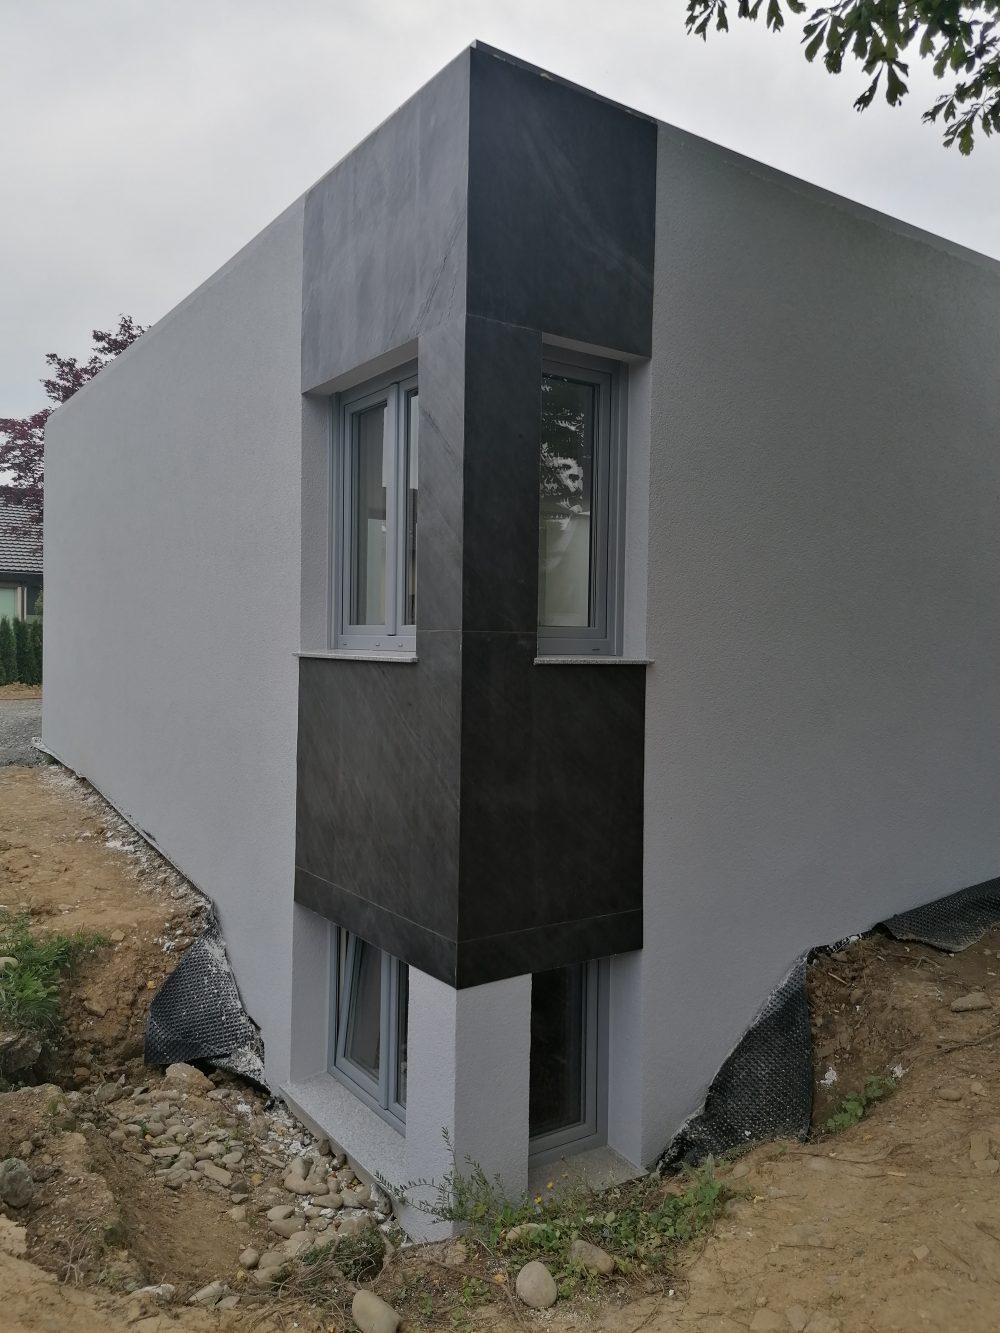 Steinpaneel Natursteinriemchen Verblender stein Wandverkleidung wandfolie steinwand Steinoptik Hausfassade